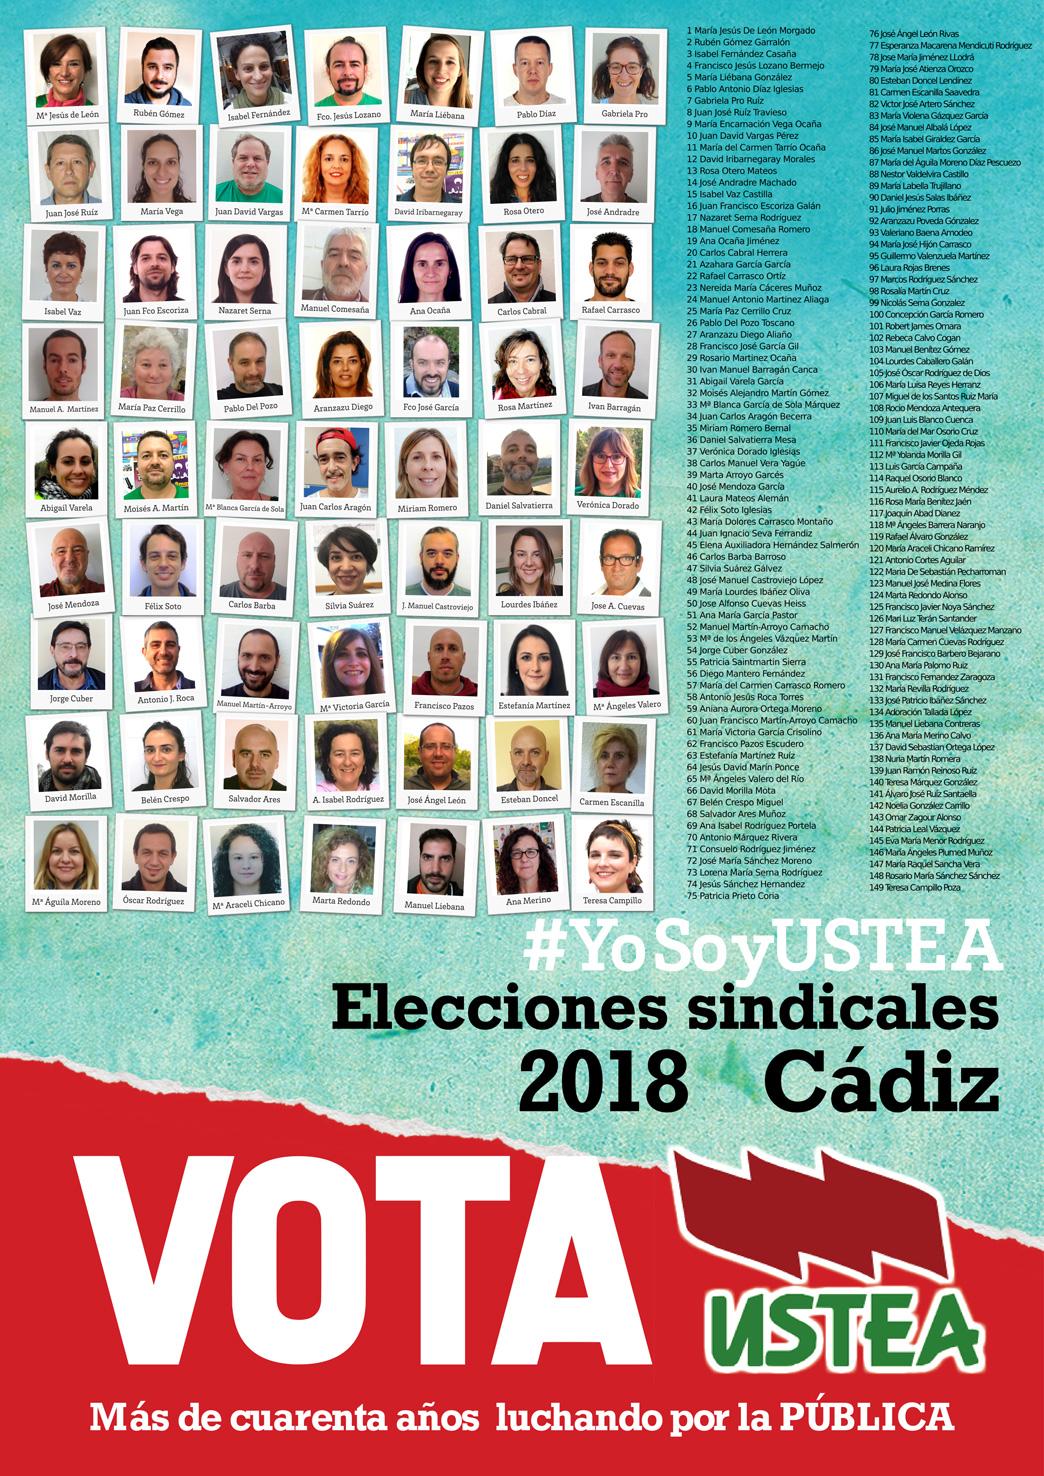 Elecciones sindicales 2018 quién votar Cádiz